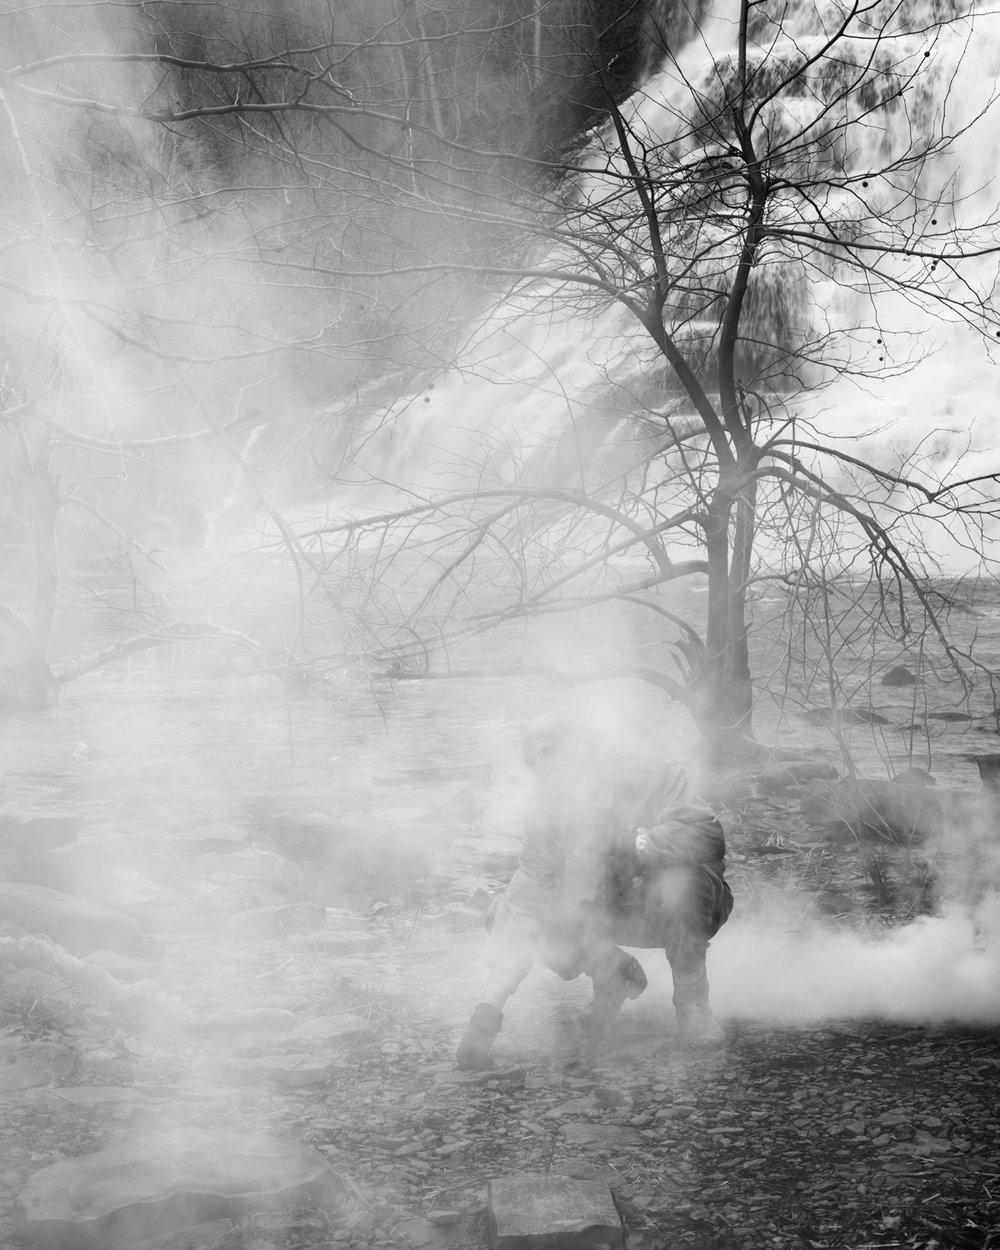 Photo © Antone Dolezal